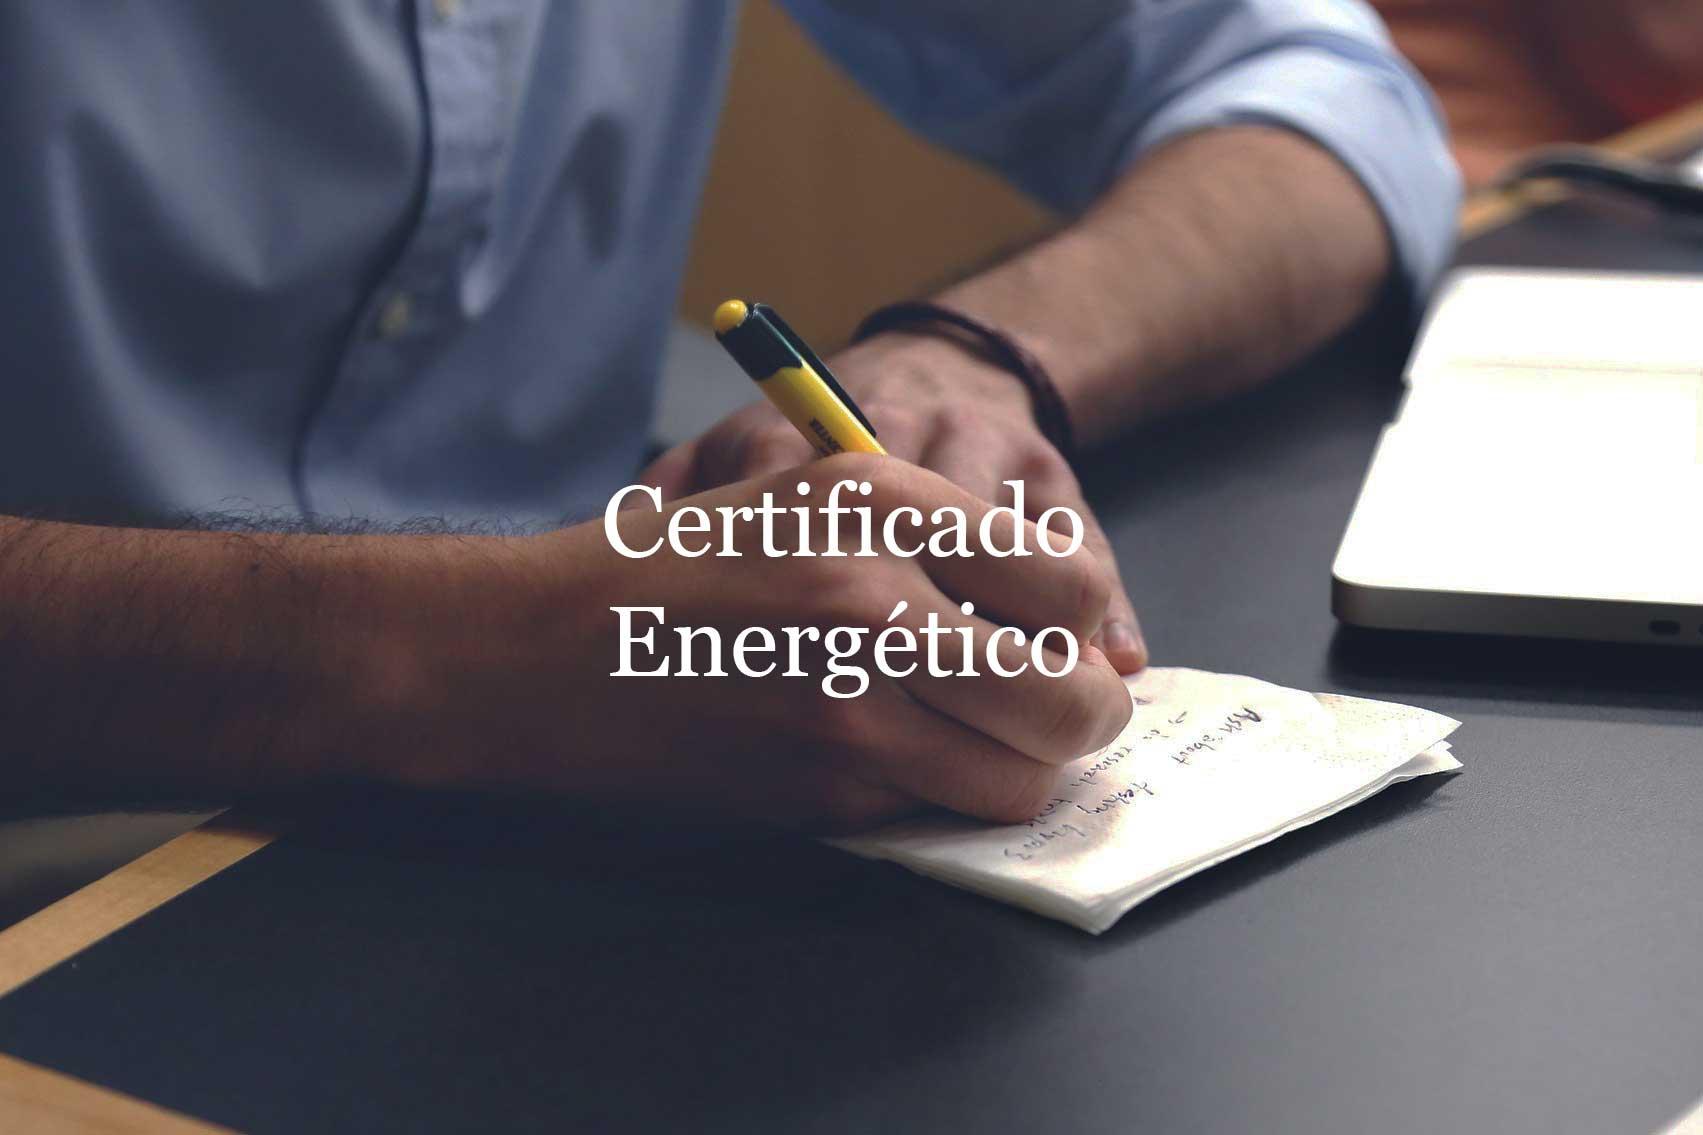 tarifas-certificado-energetico